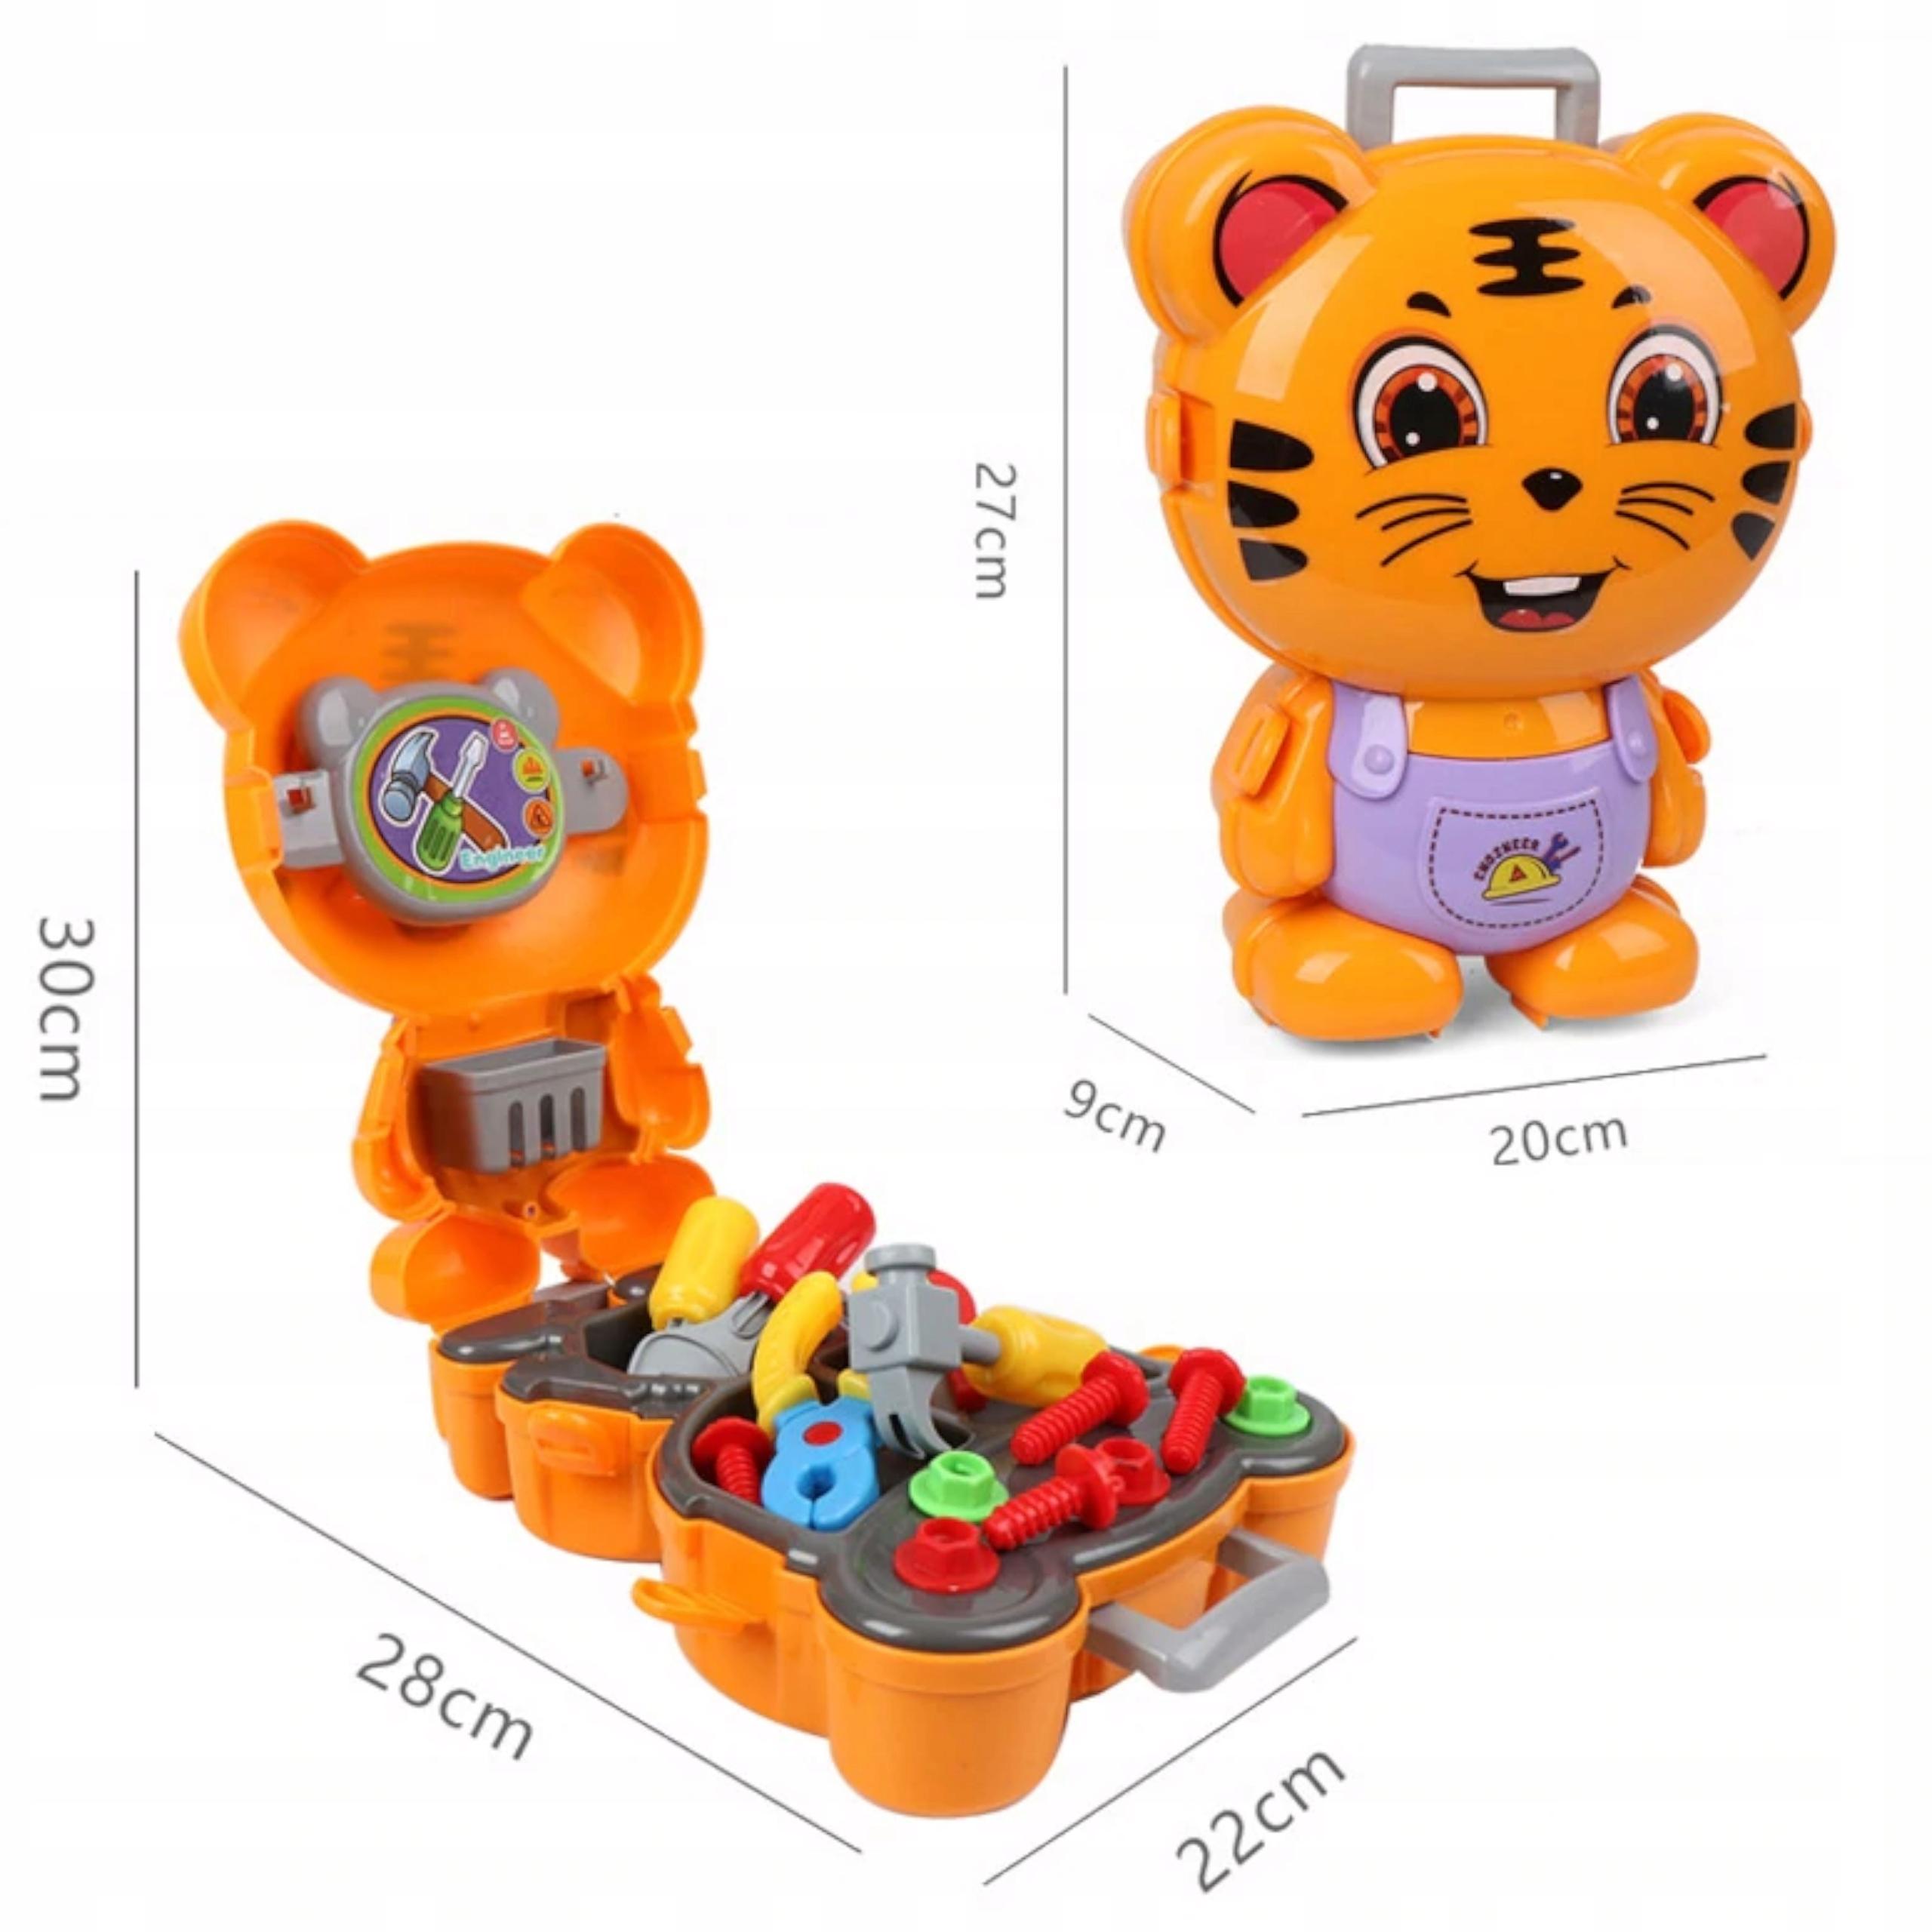 Warsztat zestaw plecak tygrysek narzędzia 23 el 40 Waga (z opakowaniem) 0.42 kg